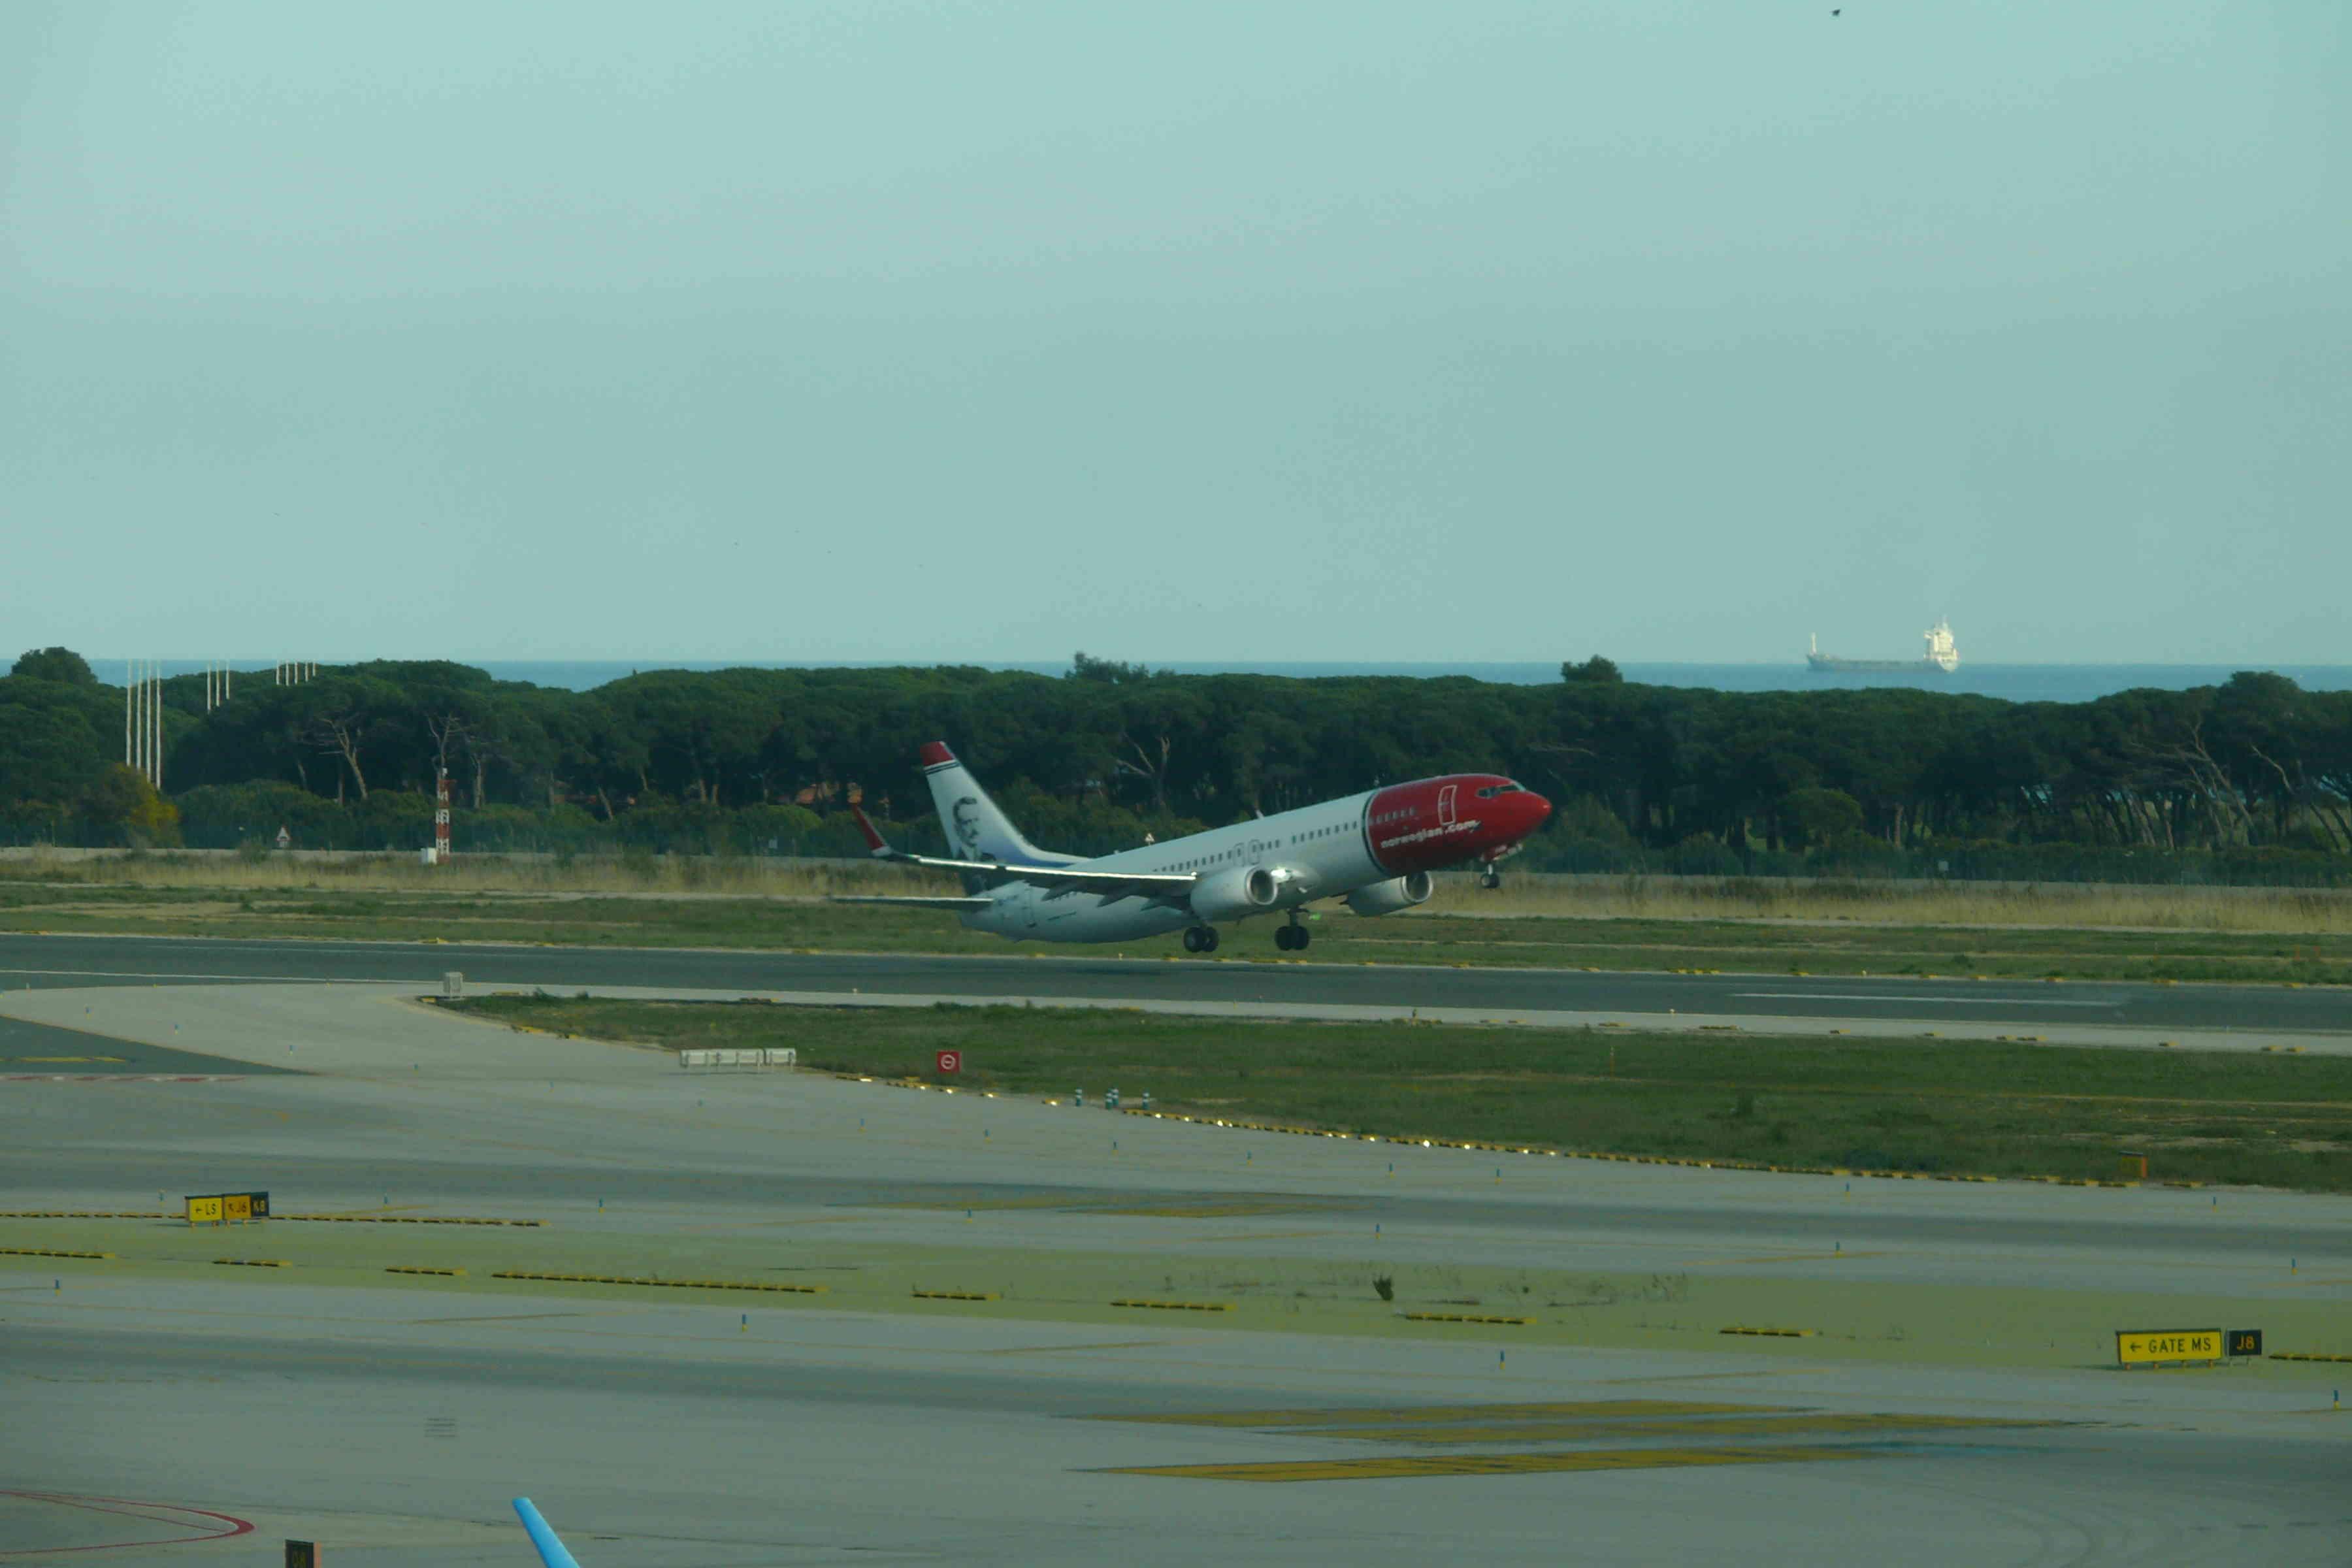 El Prat - Aeropuerto de Barcelona P1170337